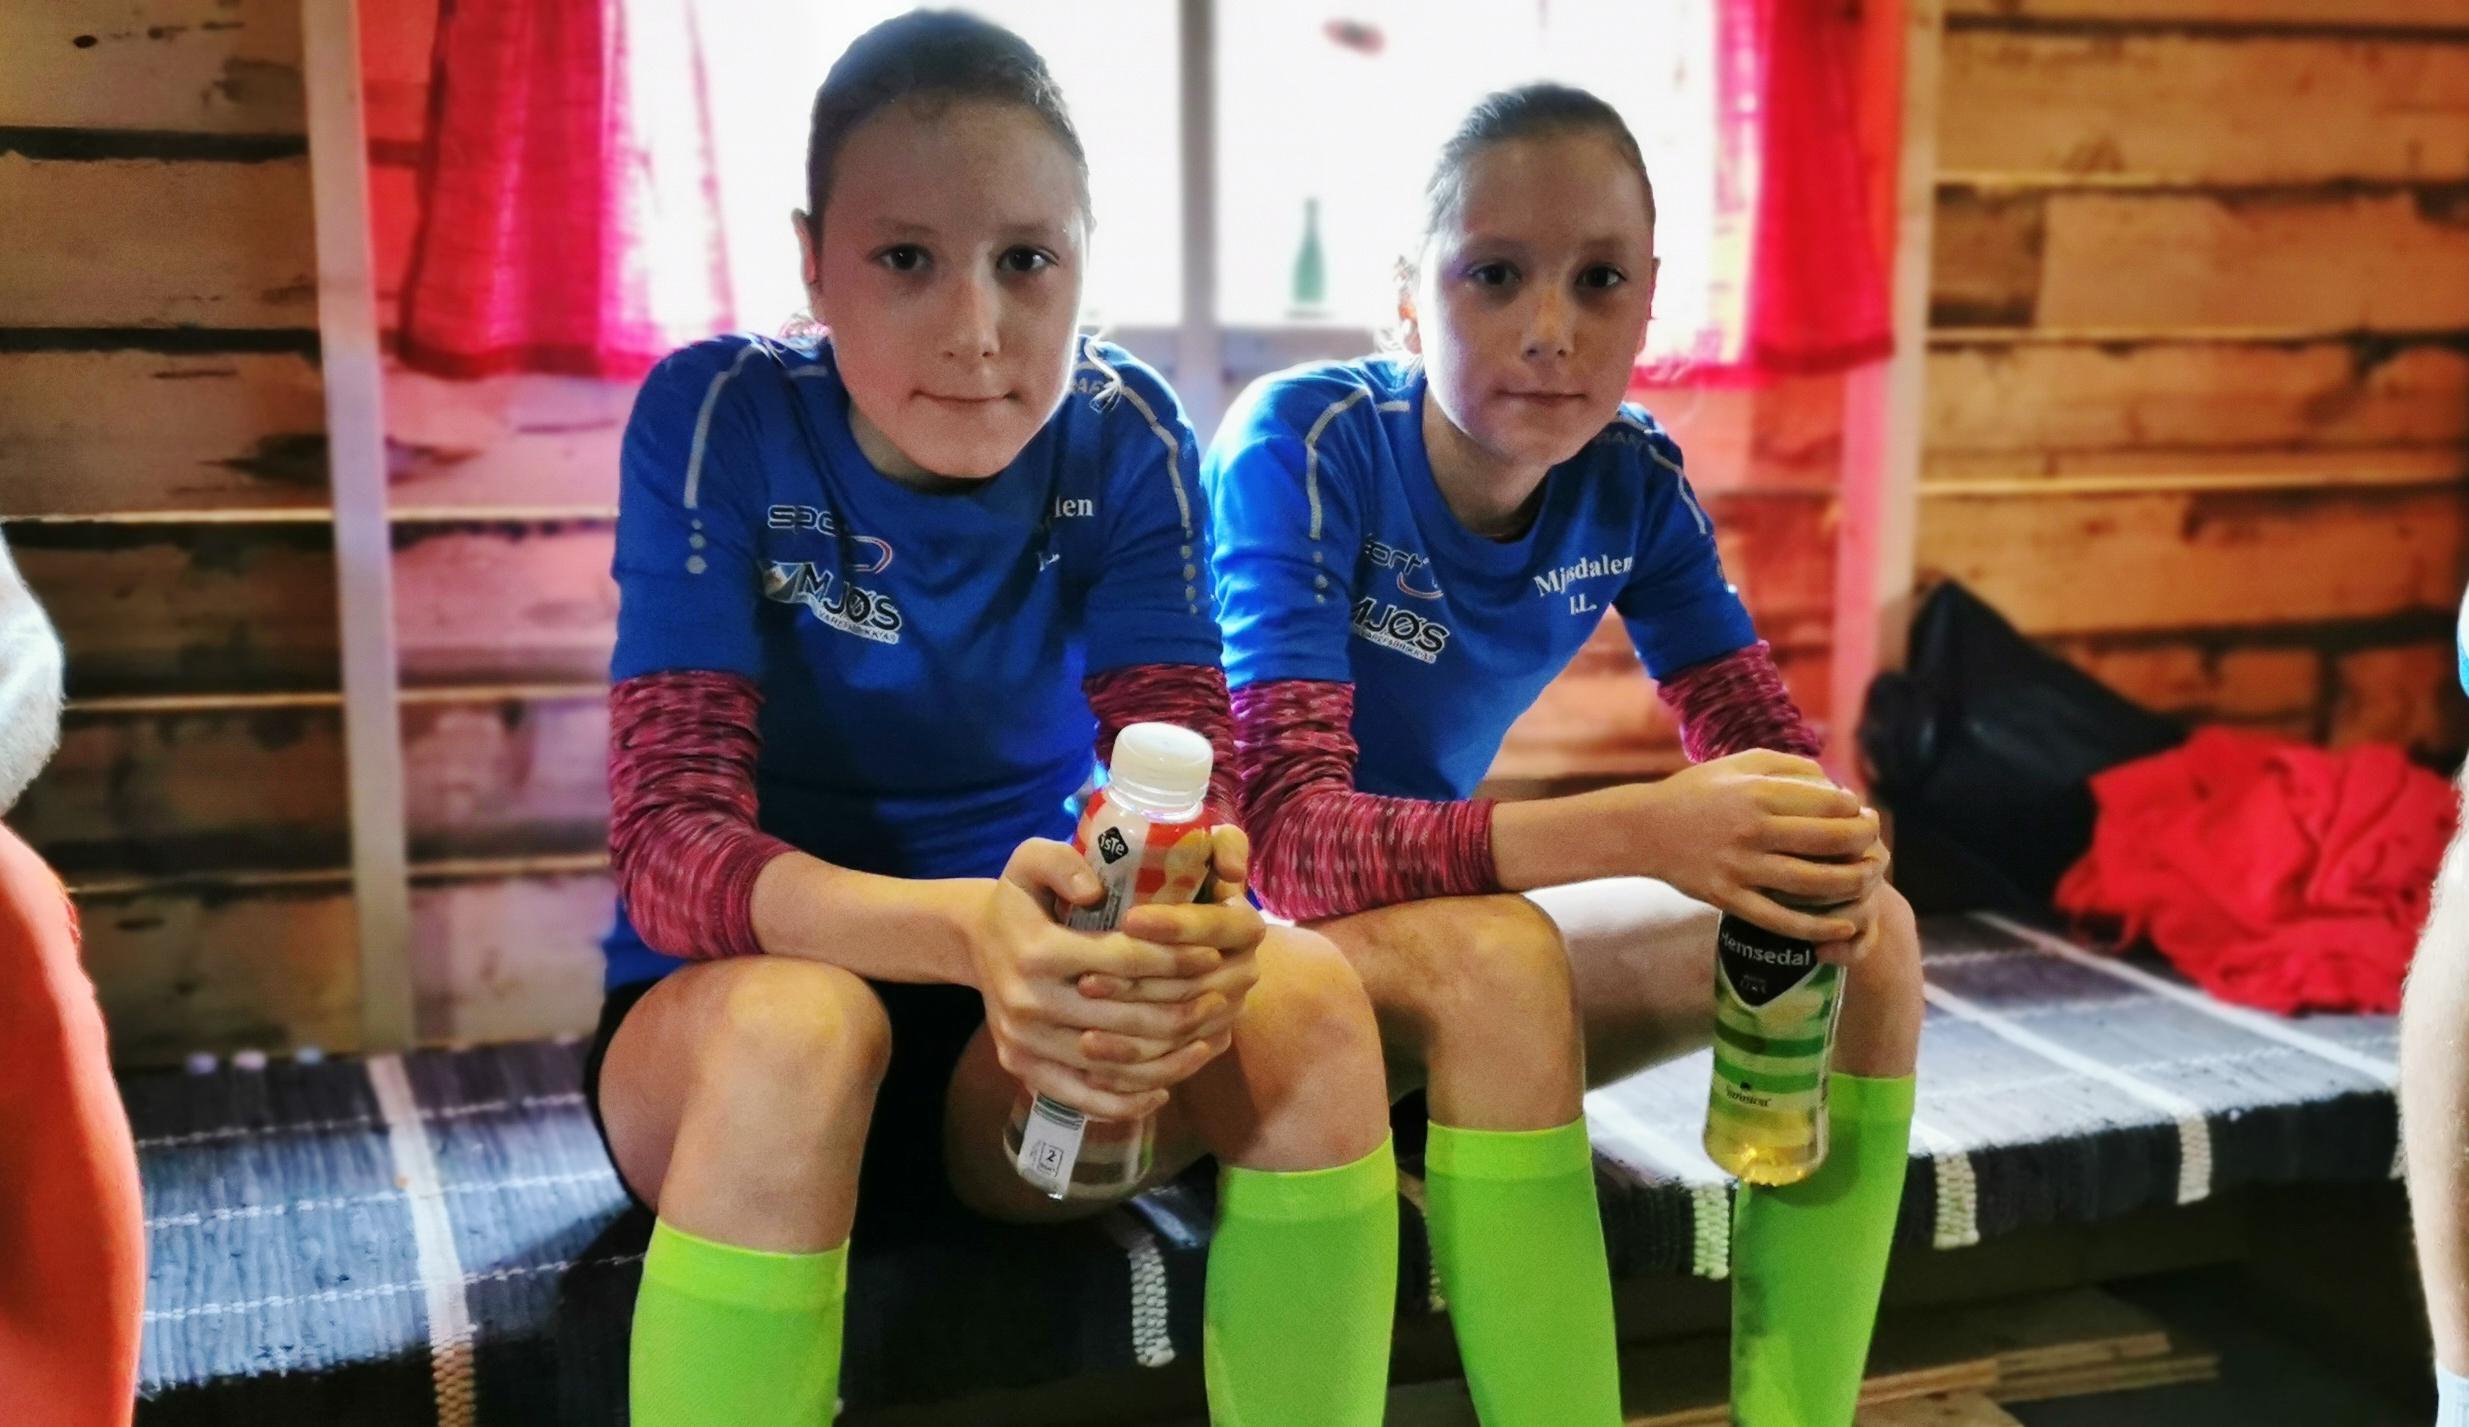 Superraska_systrar.jpg